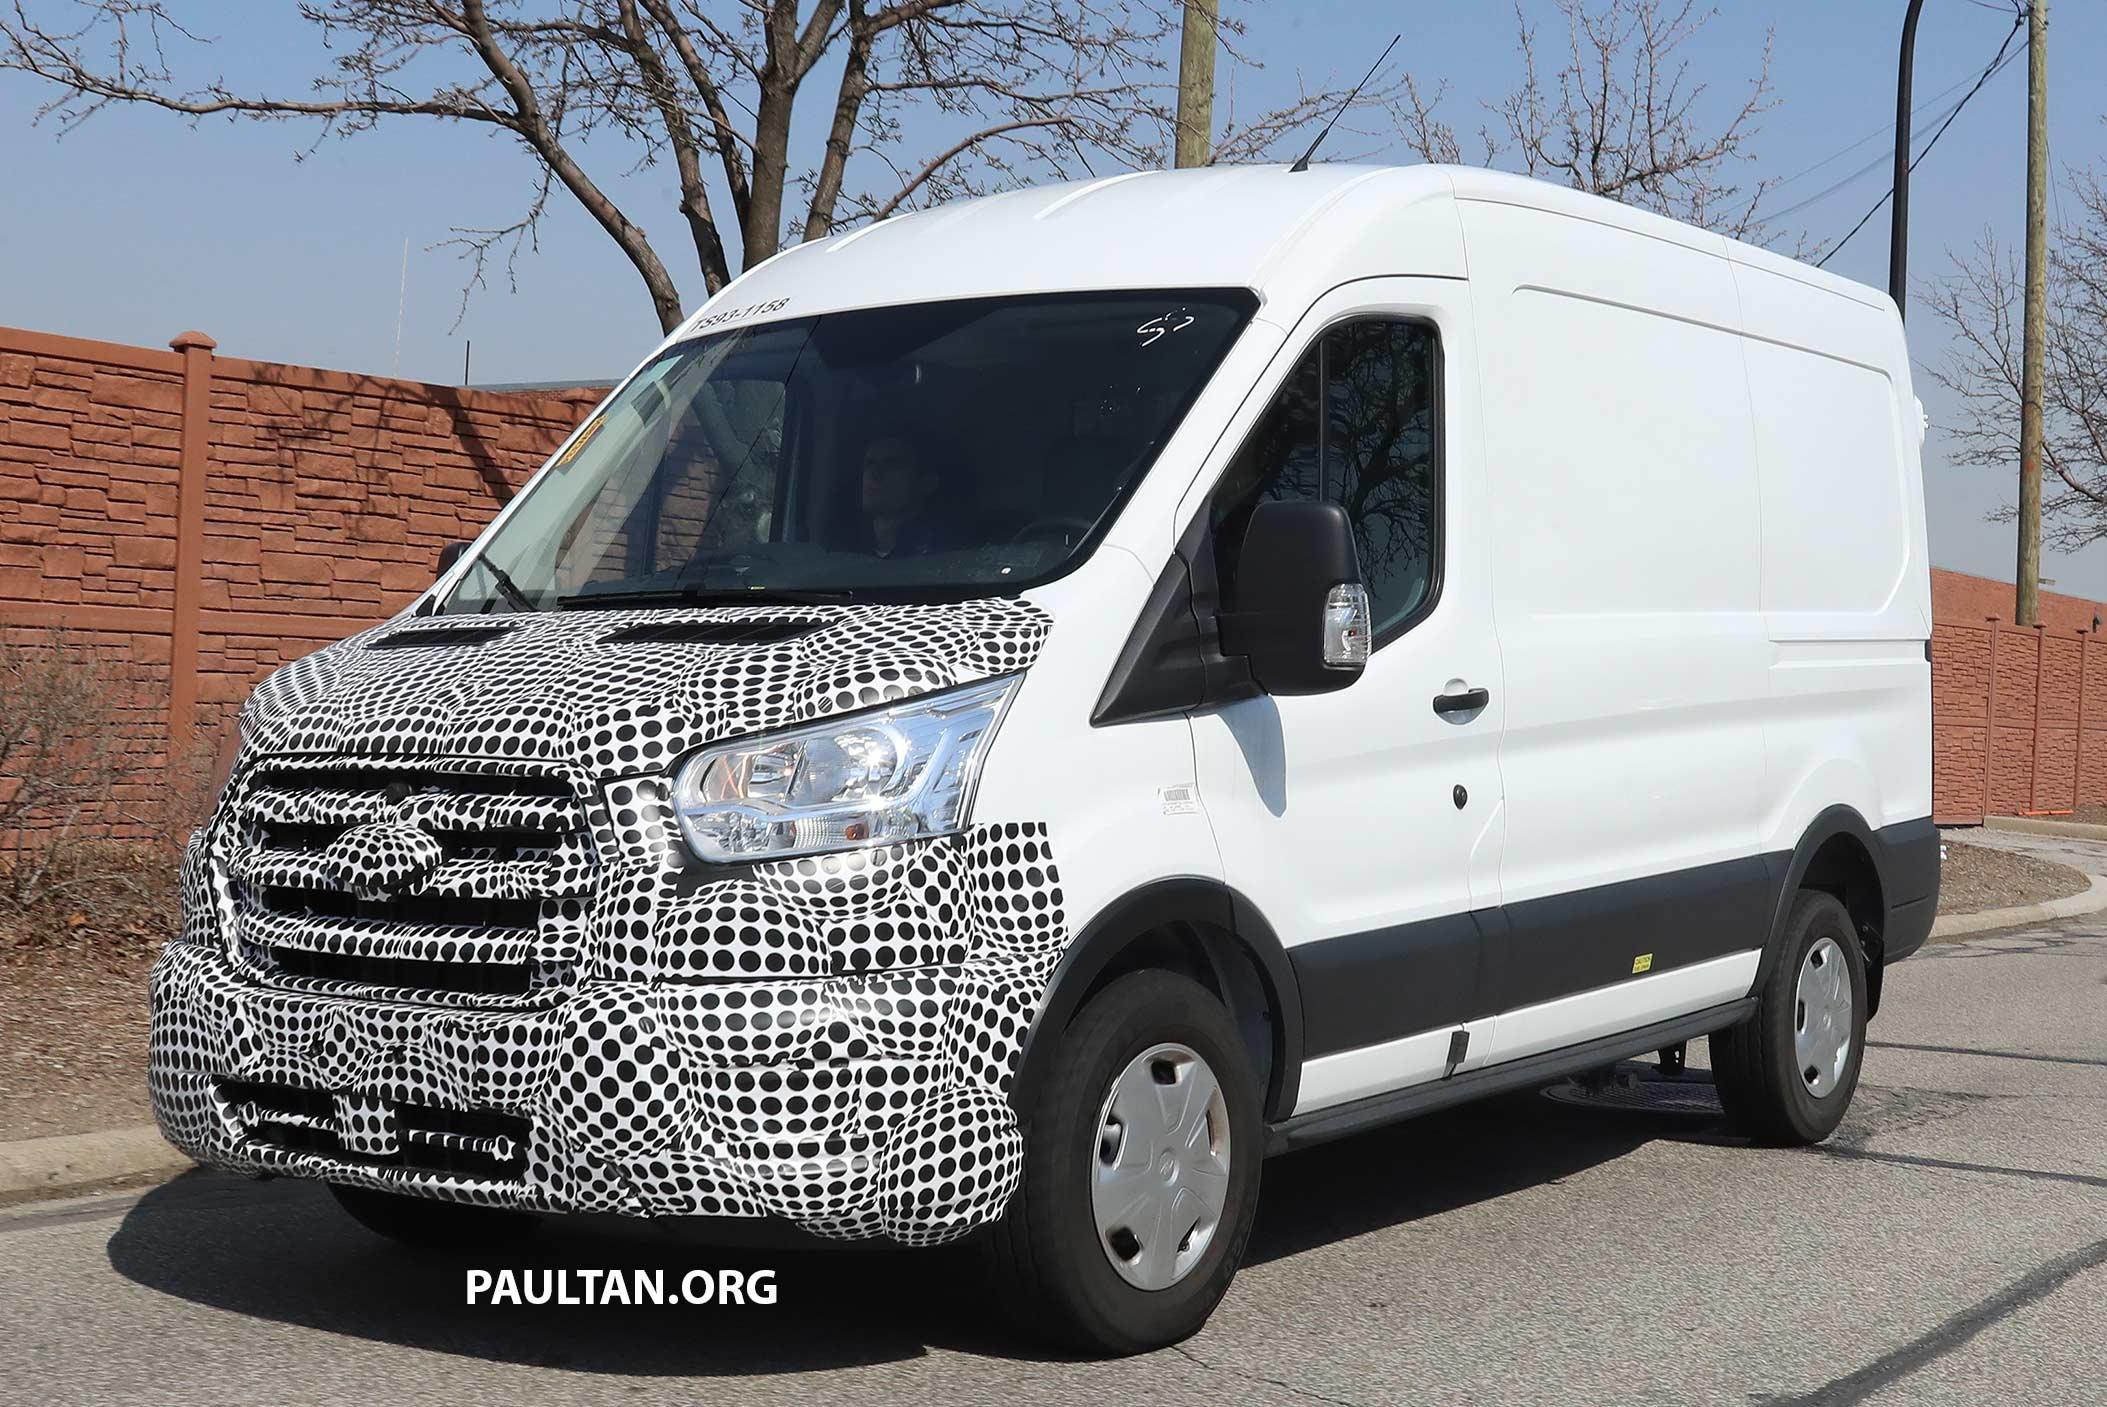 SPYSHOTS: 2019 Ford Transit - 3.5 V6 EcoBoost?